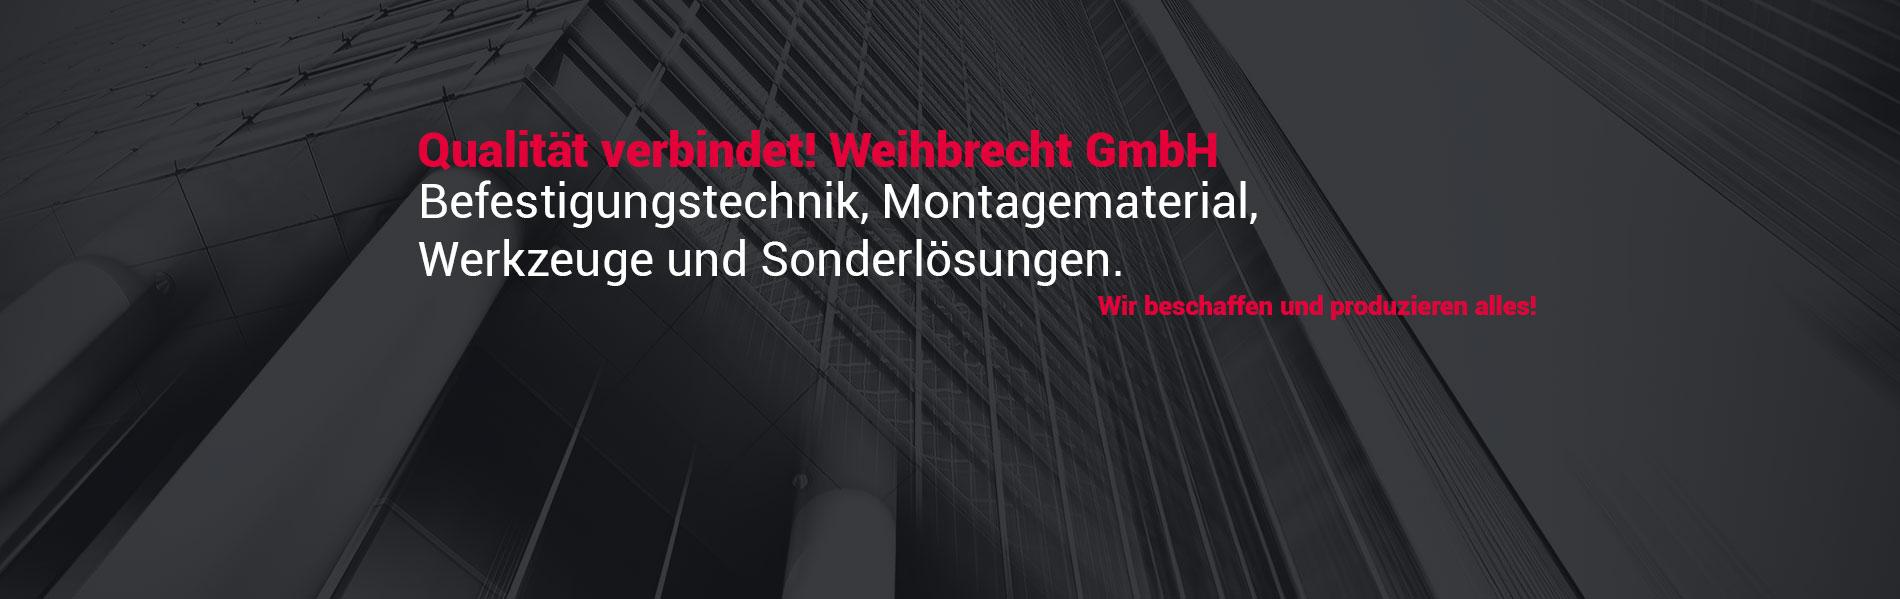 Weihbrecht GmbH. Qualität verbindet!